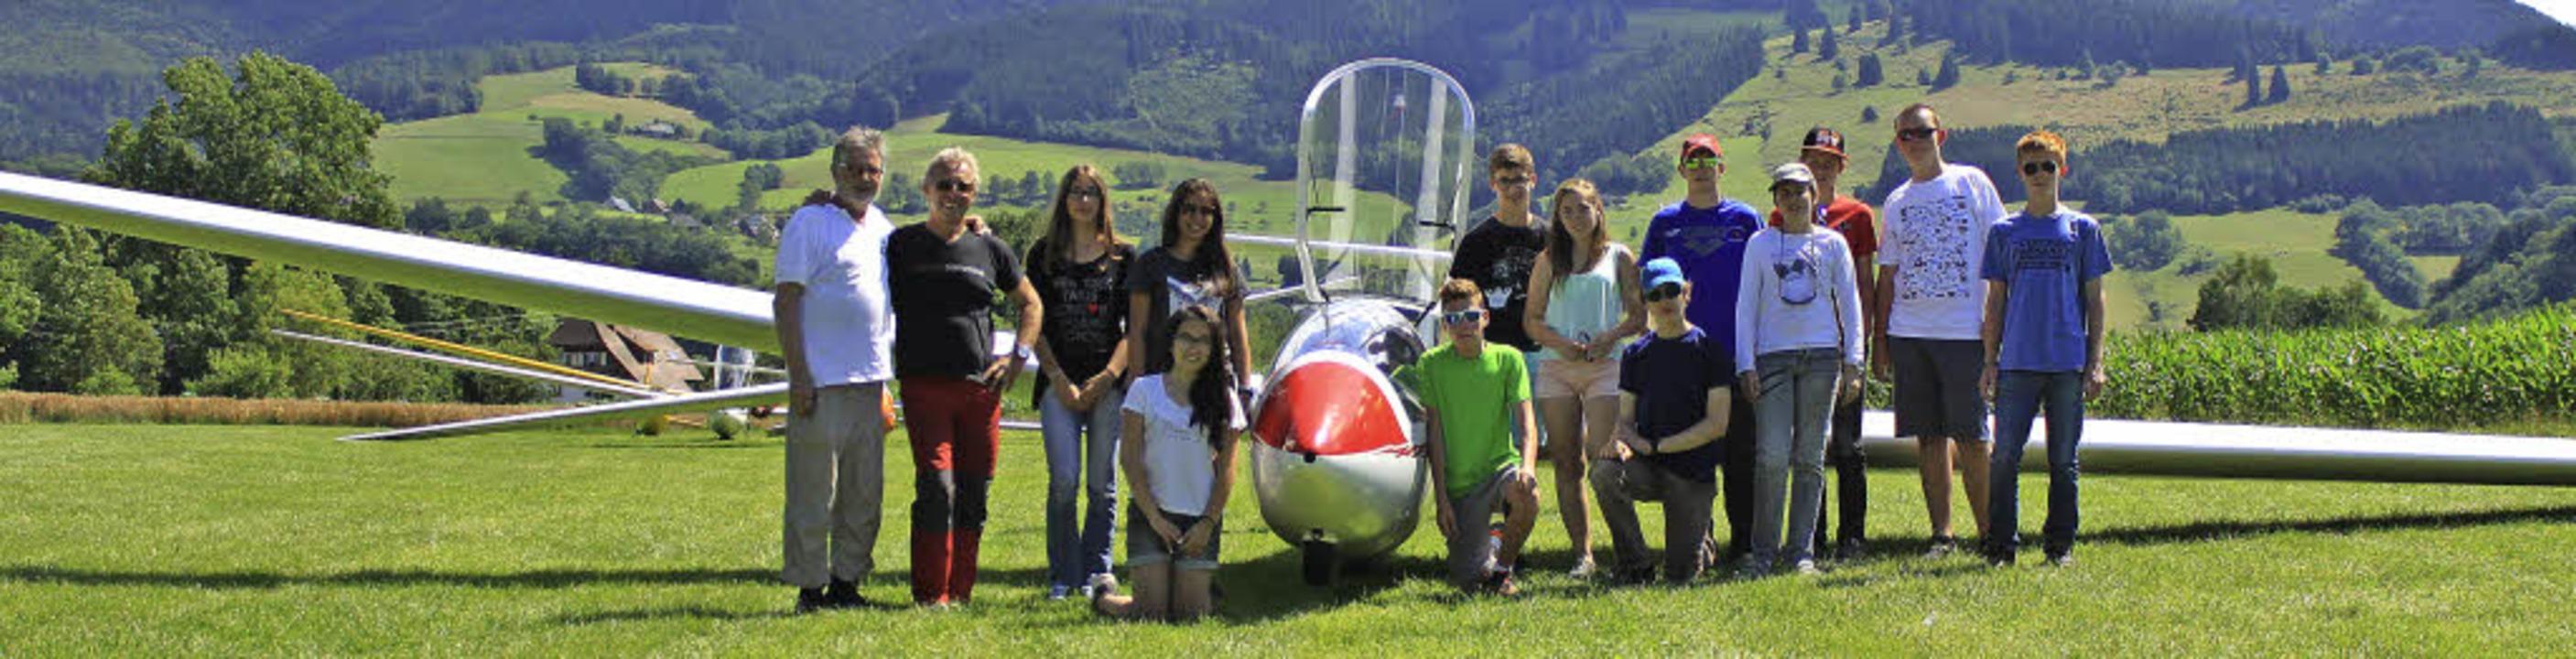 Hoch hinaus geht es für 16 Segelflugsc...ein für Segelflug BVS aus Kirchzarten.  | Foto: Lara Walter